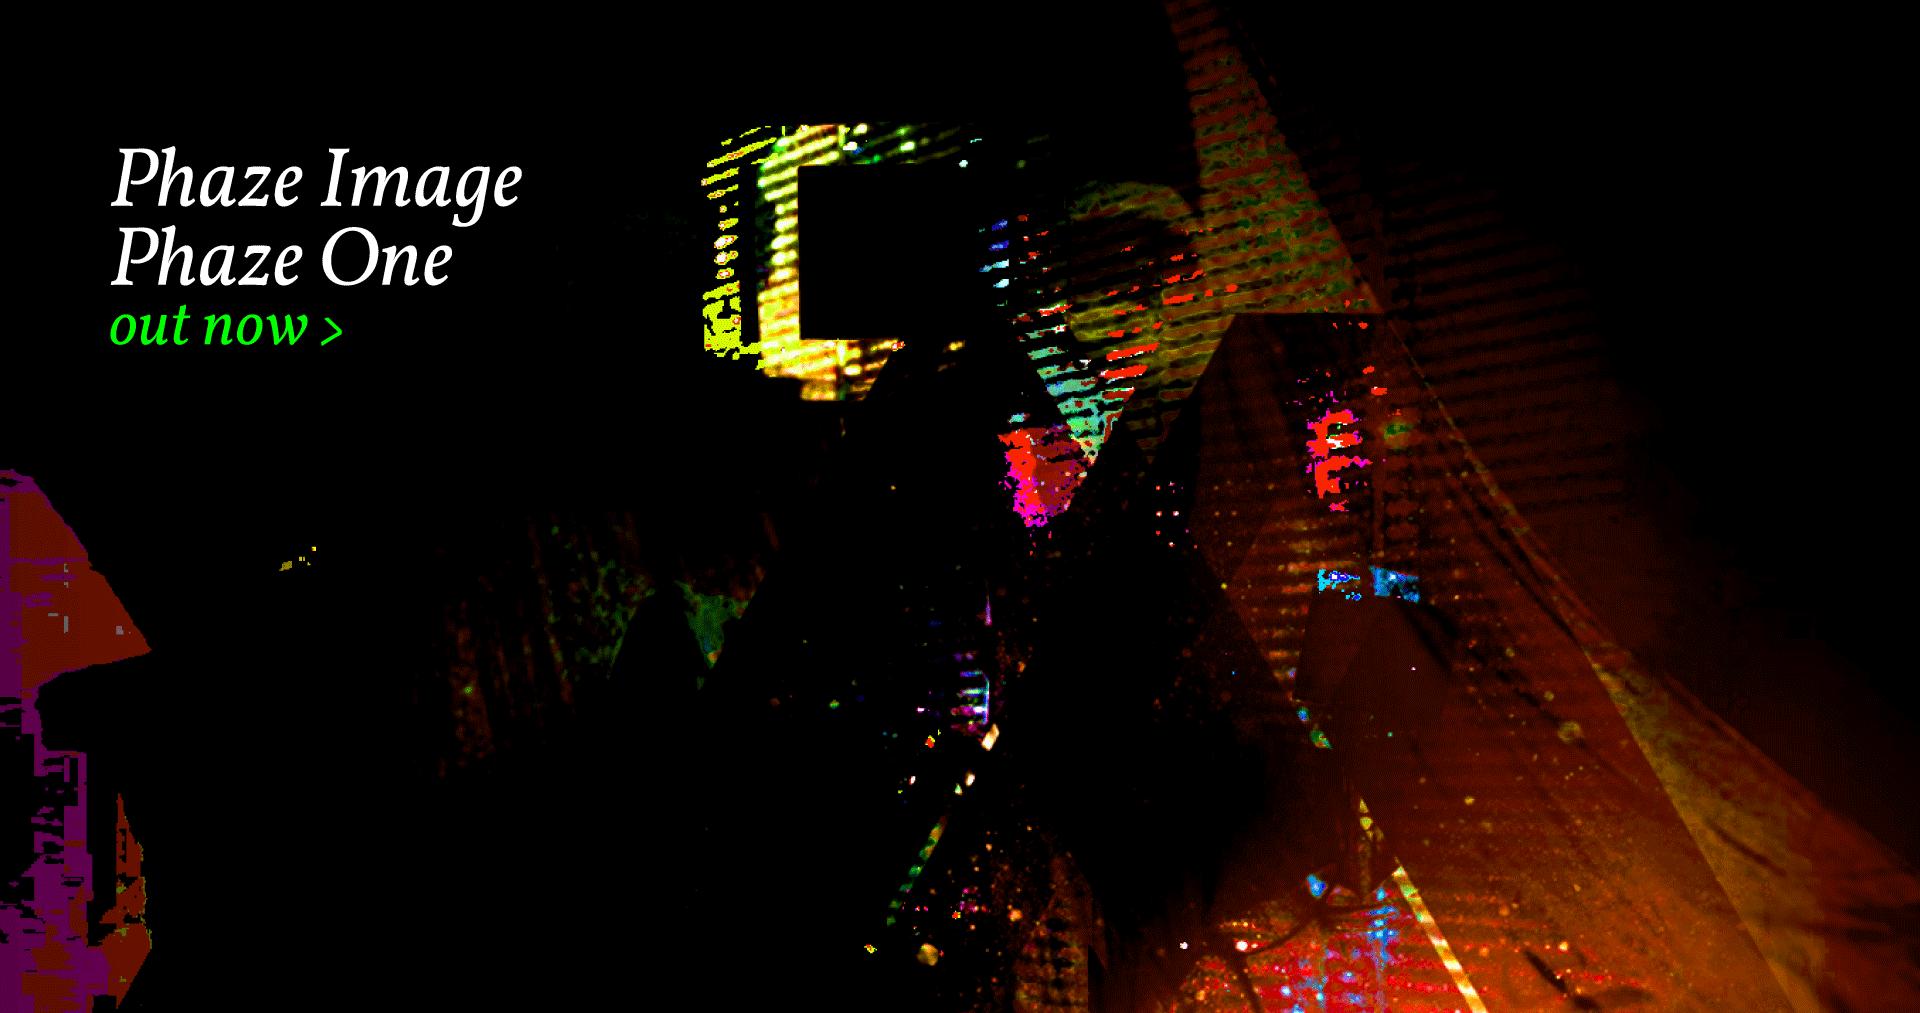 VIZ025 Phaze Image - Phaze One